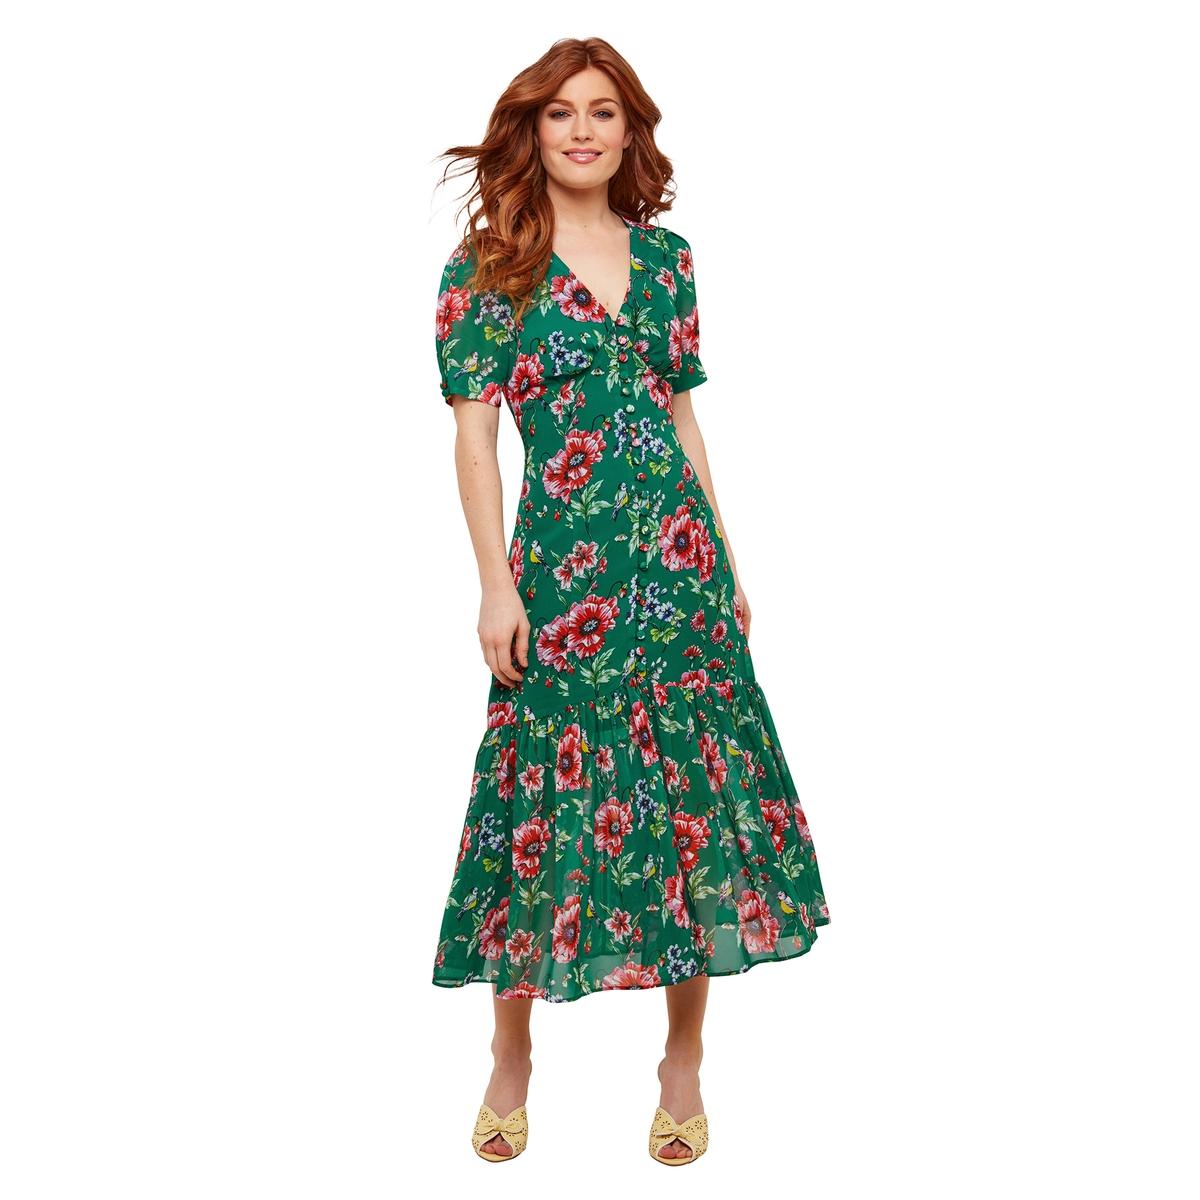 Платье La Redoute Длинное с V-образным вырезом с короткими рукавами и цветочным принтом 36 (FR) - 42 (RUS) зеленый платье la redoute прямое с цветочным рисунком и короткими рукавами 36 fr 42 rus зеленый